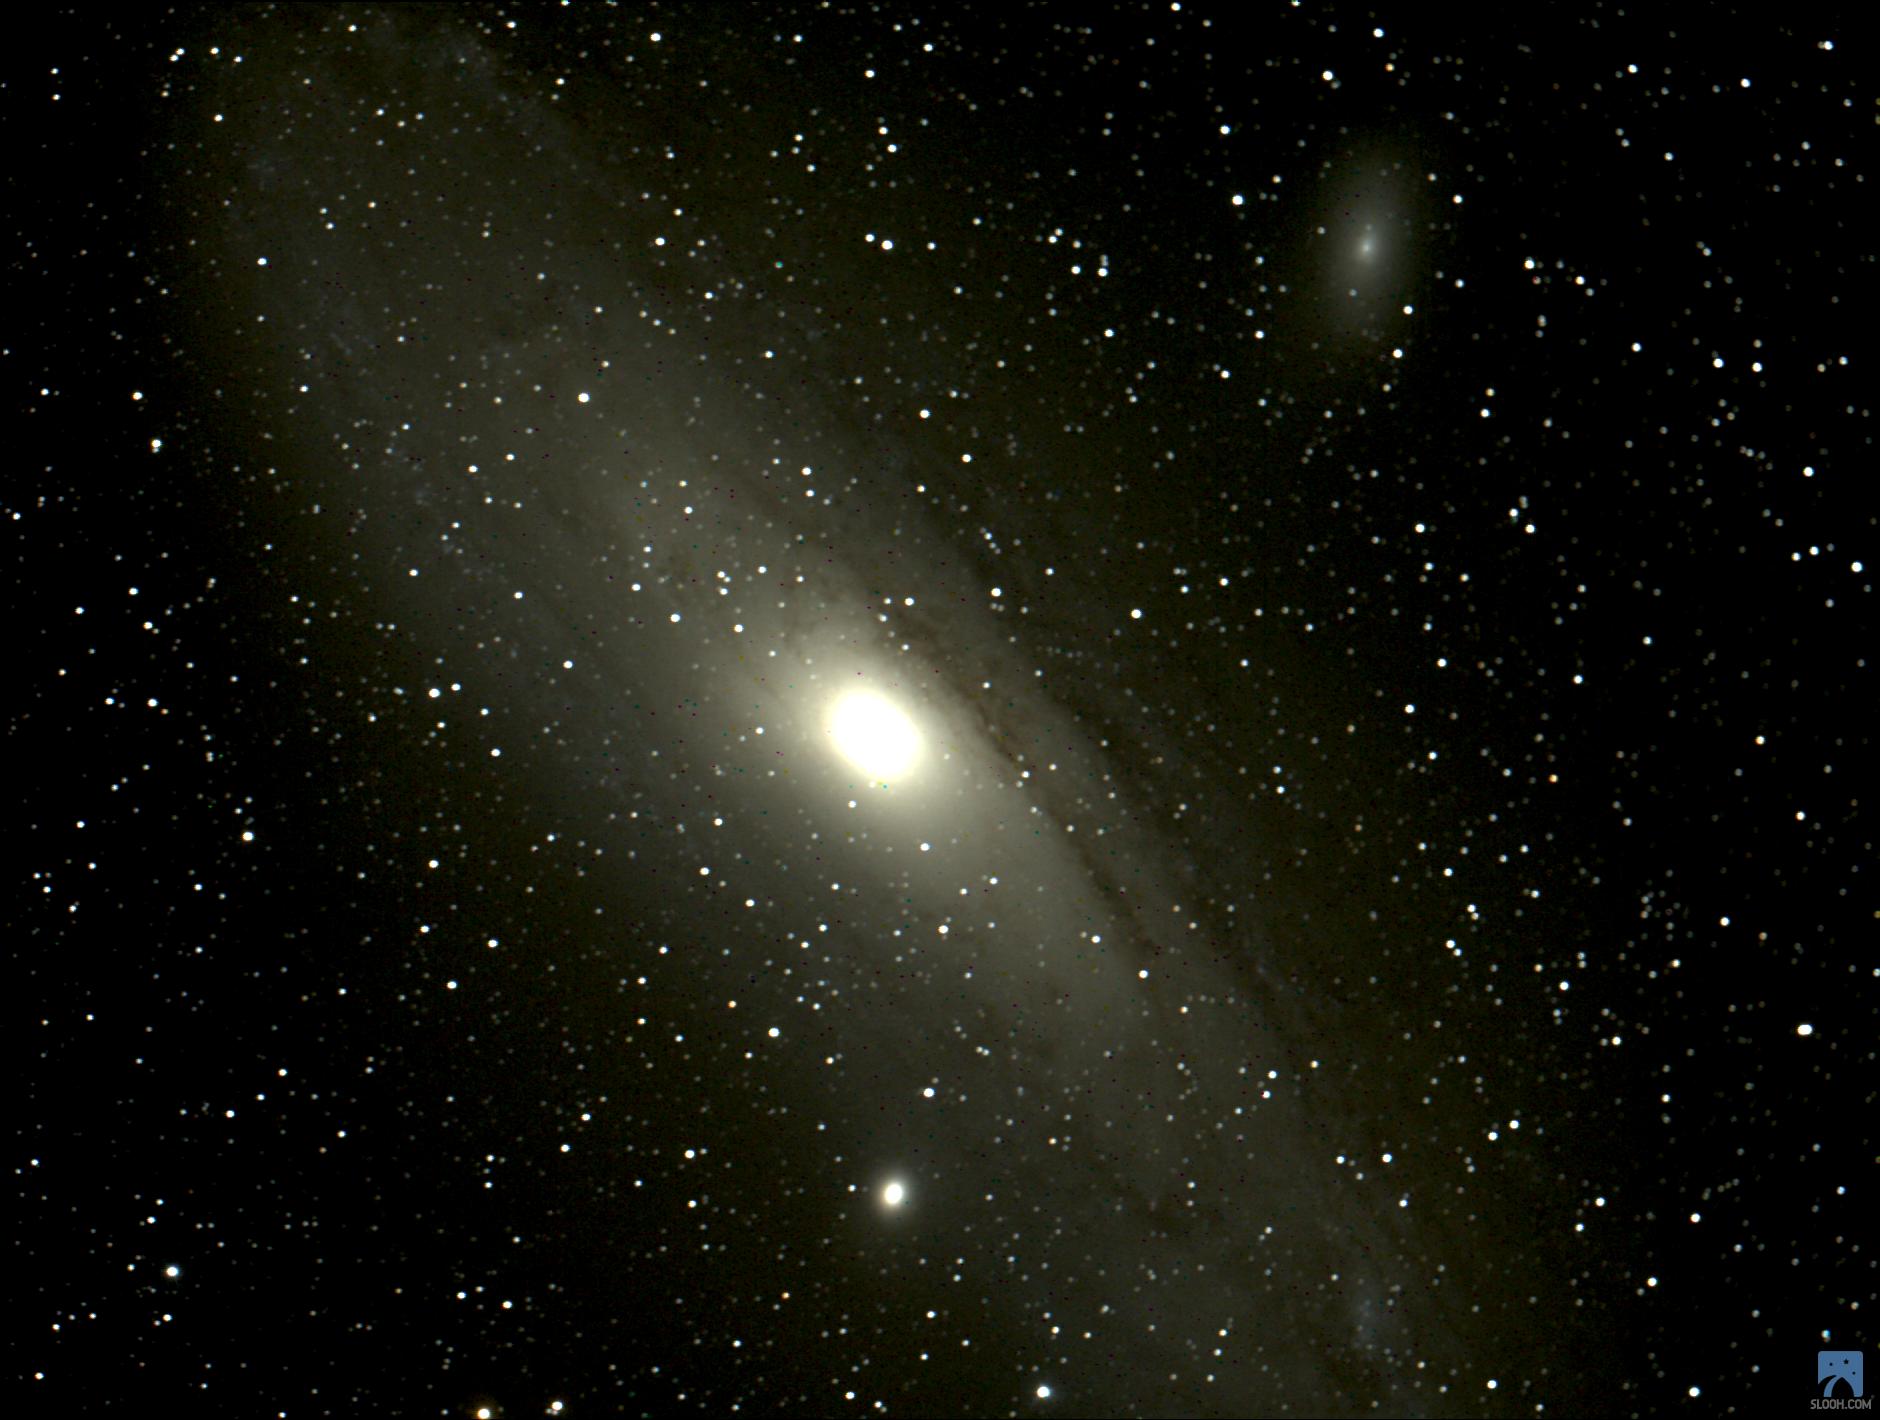 Slooh çekimim M31